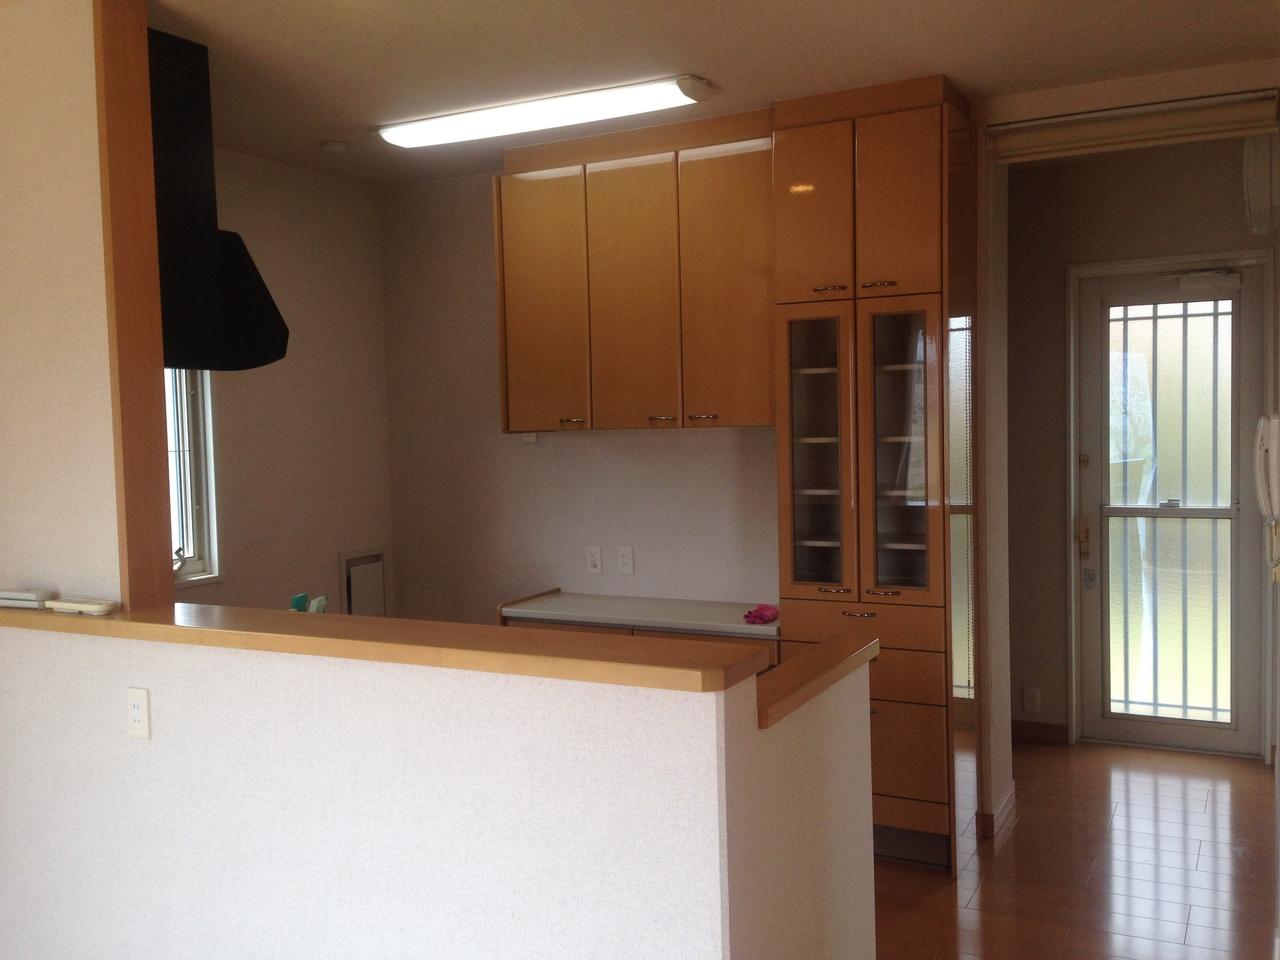 キッチン部には背面収納が完備されています。